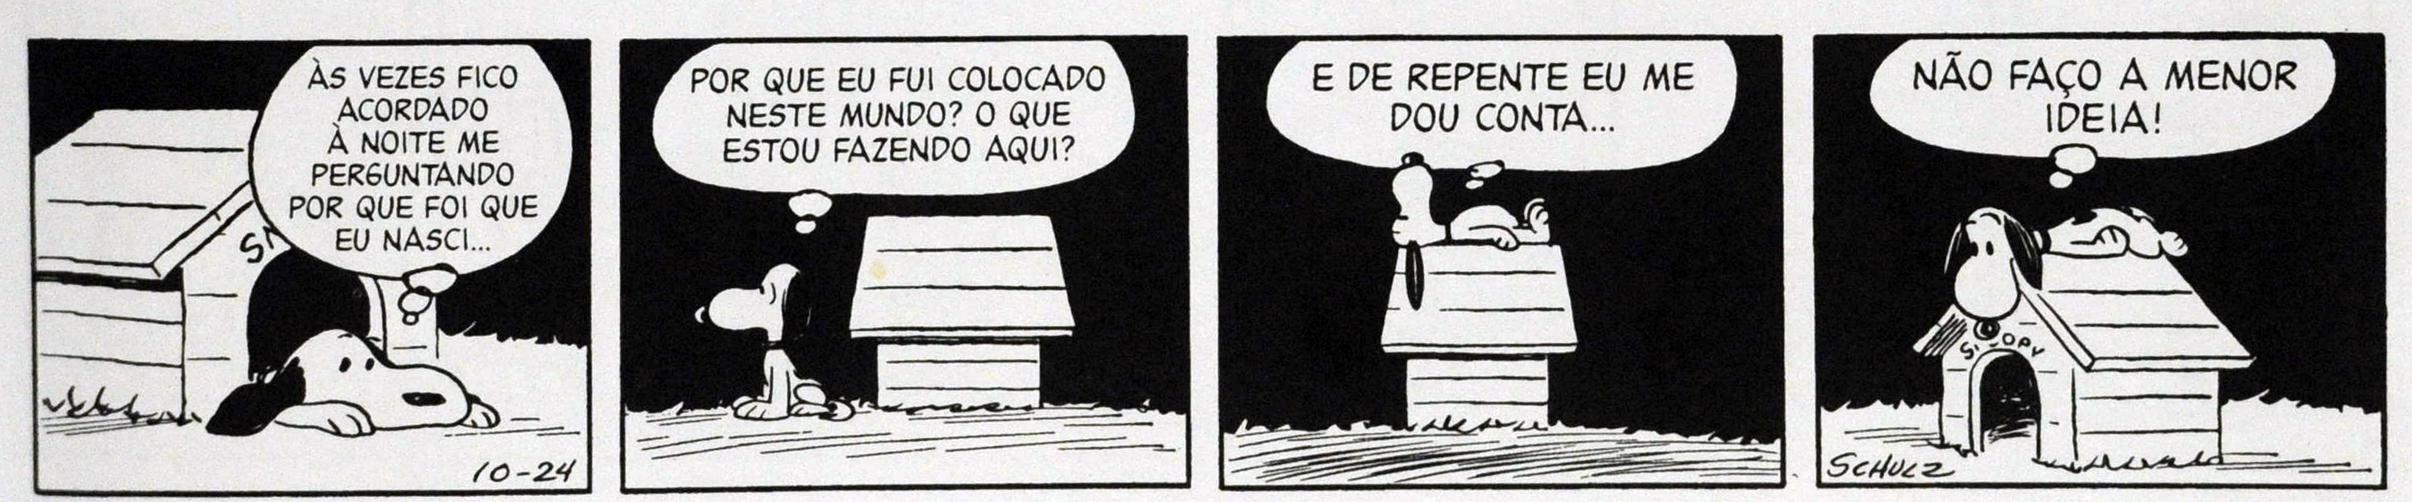 RapaduraCast 454 – Snoopy, Charlie Brown e sua turma